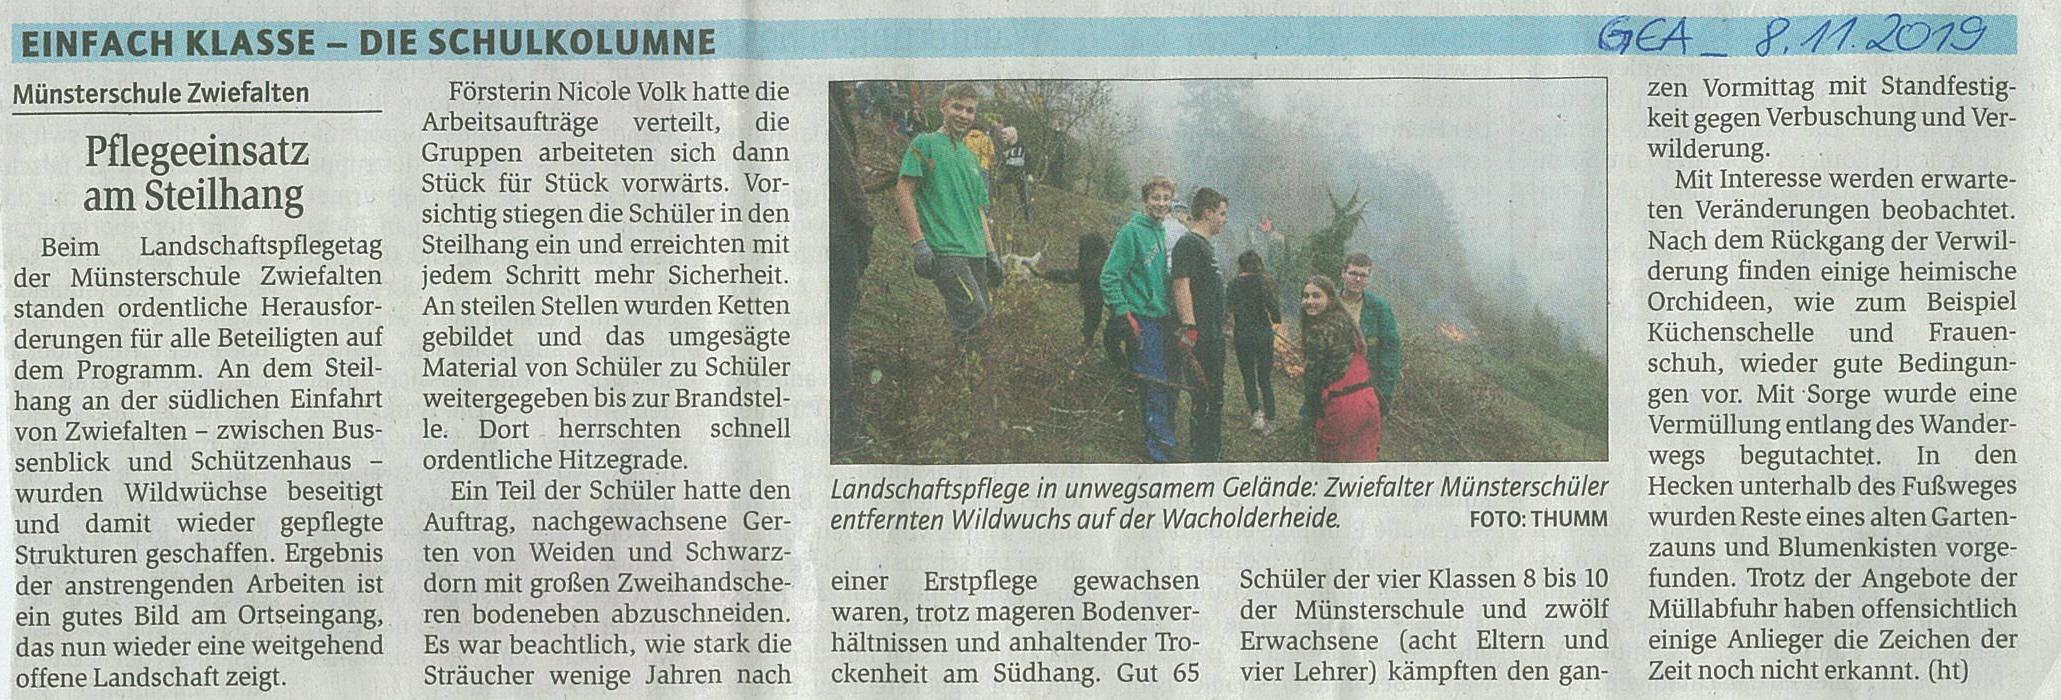 19_GEA_08.11.2019_Naturschutztag.jpg